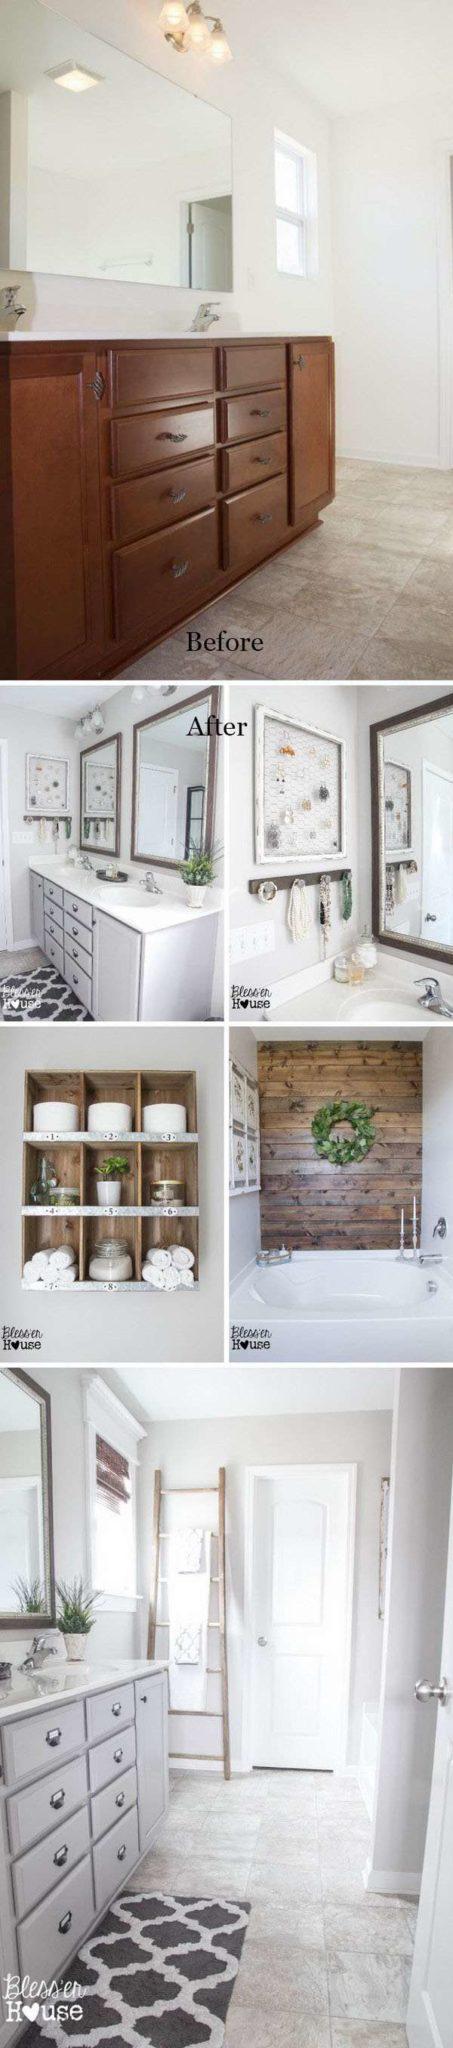 image8-77 | 16 идей преображения старой ванной комнаты